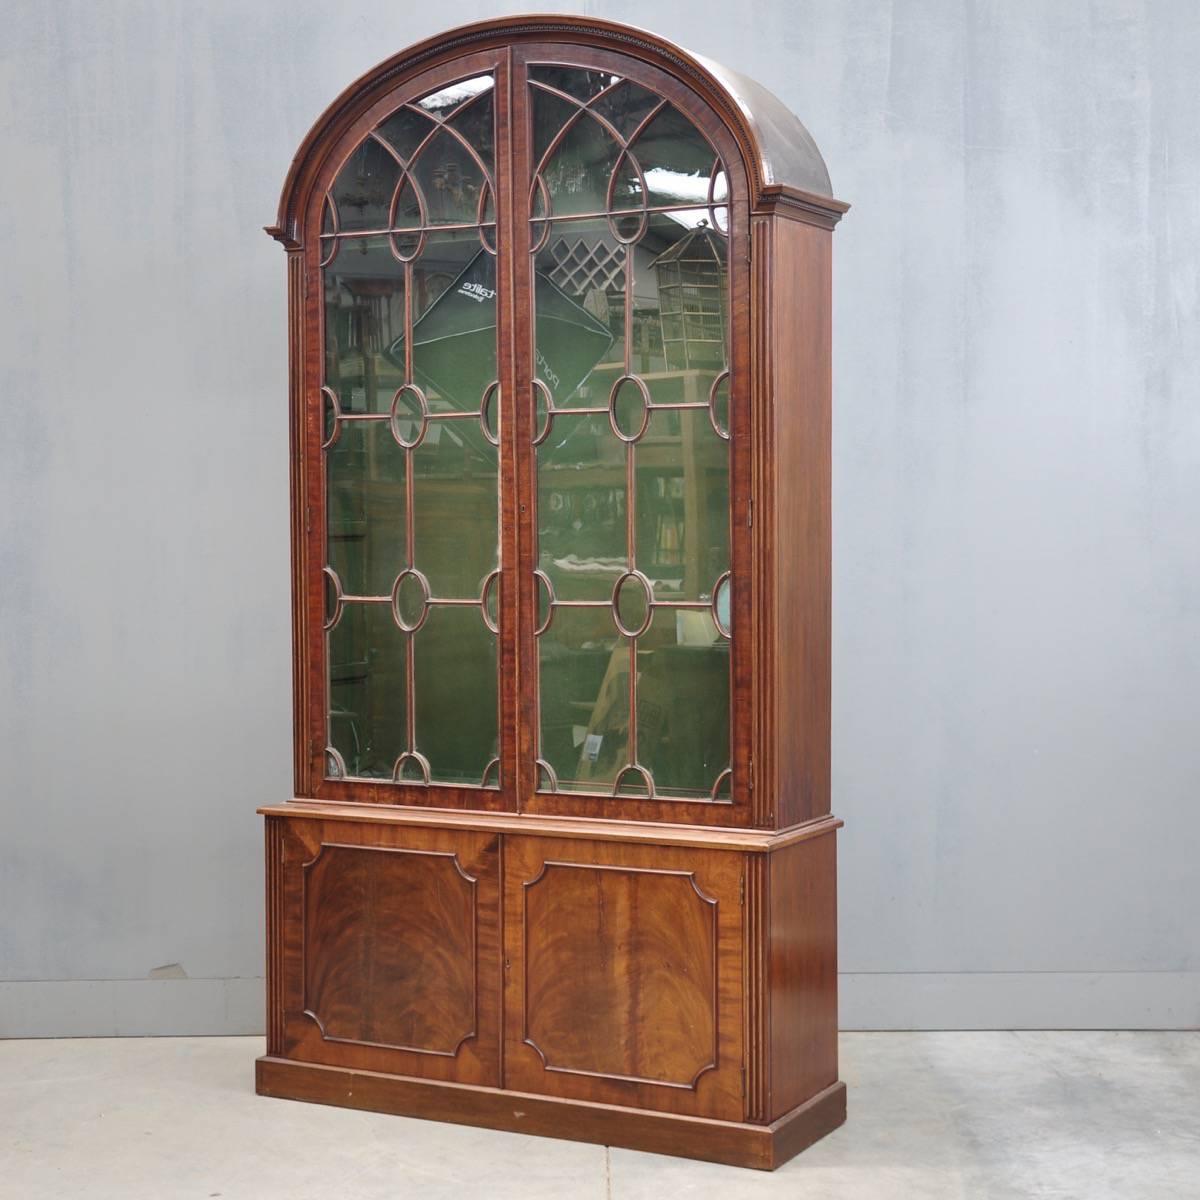 antique vitrine cabinets antique furniture. Black Bedroom Furniture Sets. Home Design Ideas